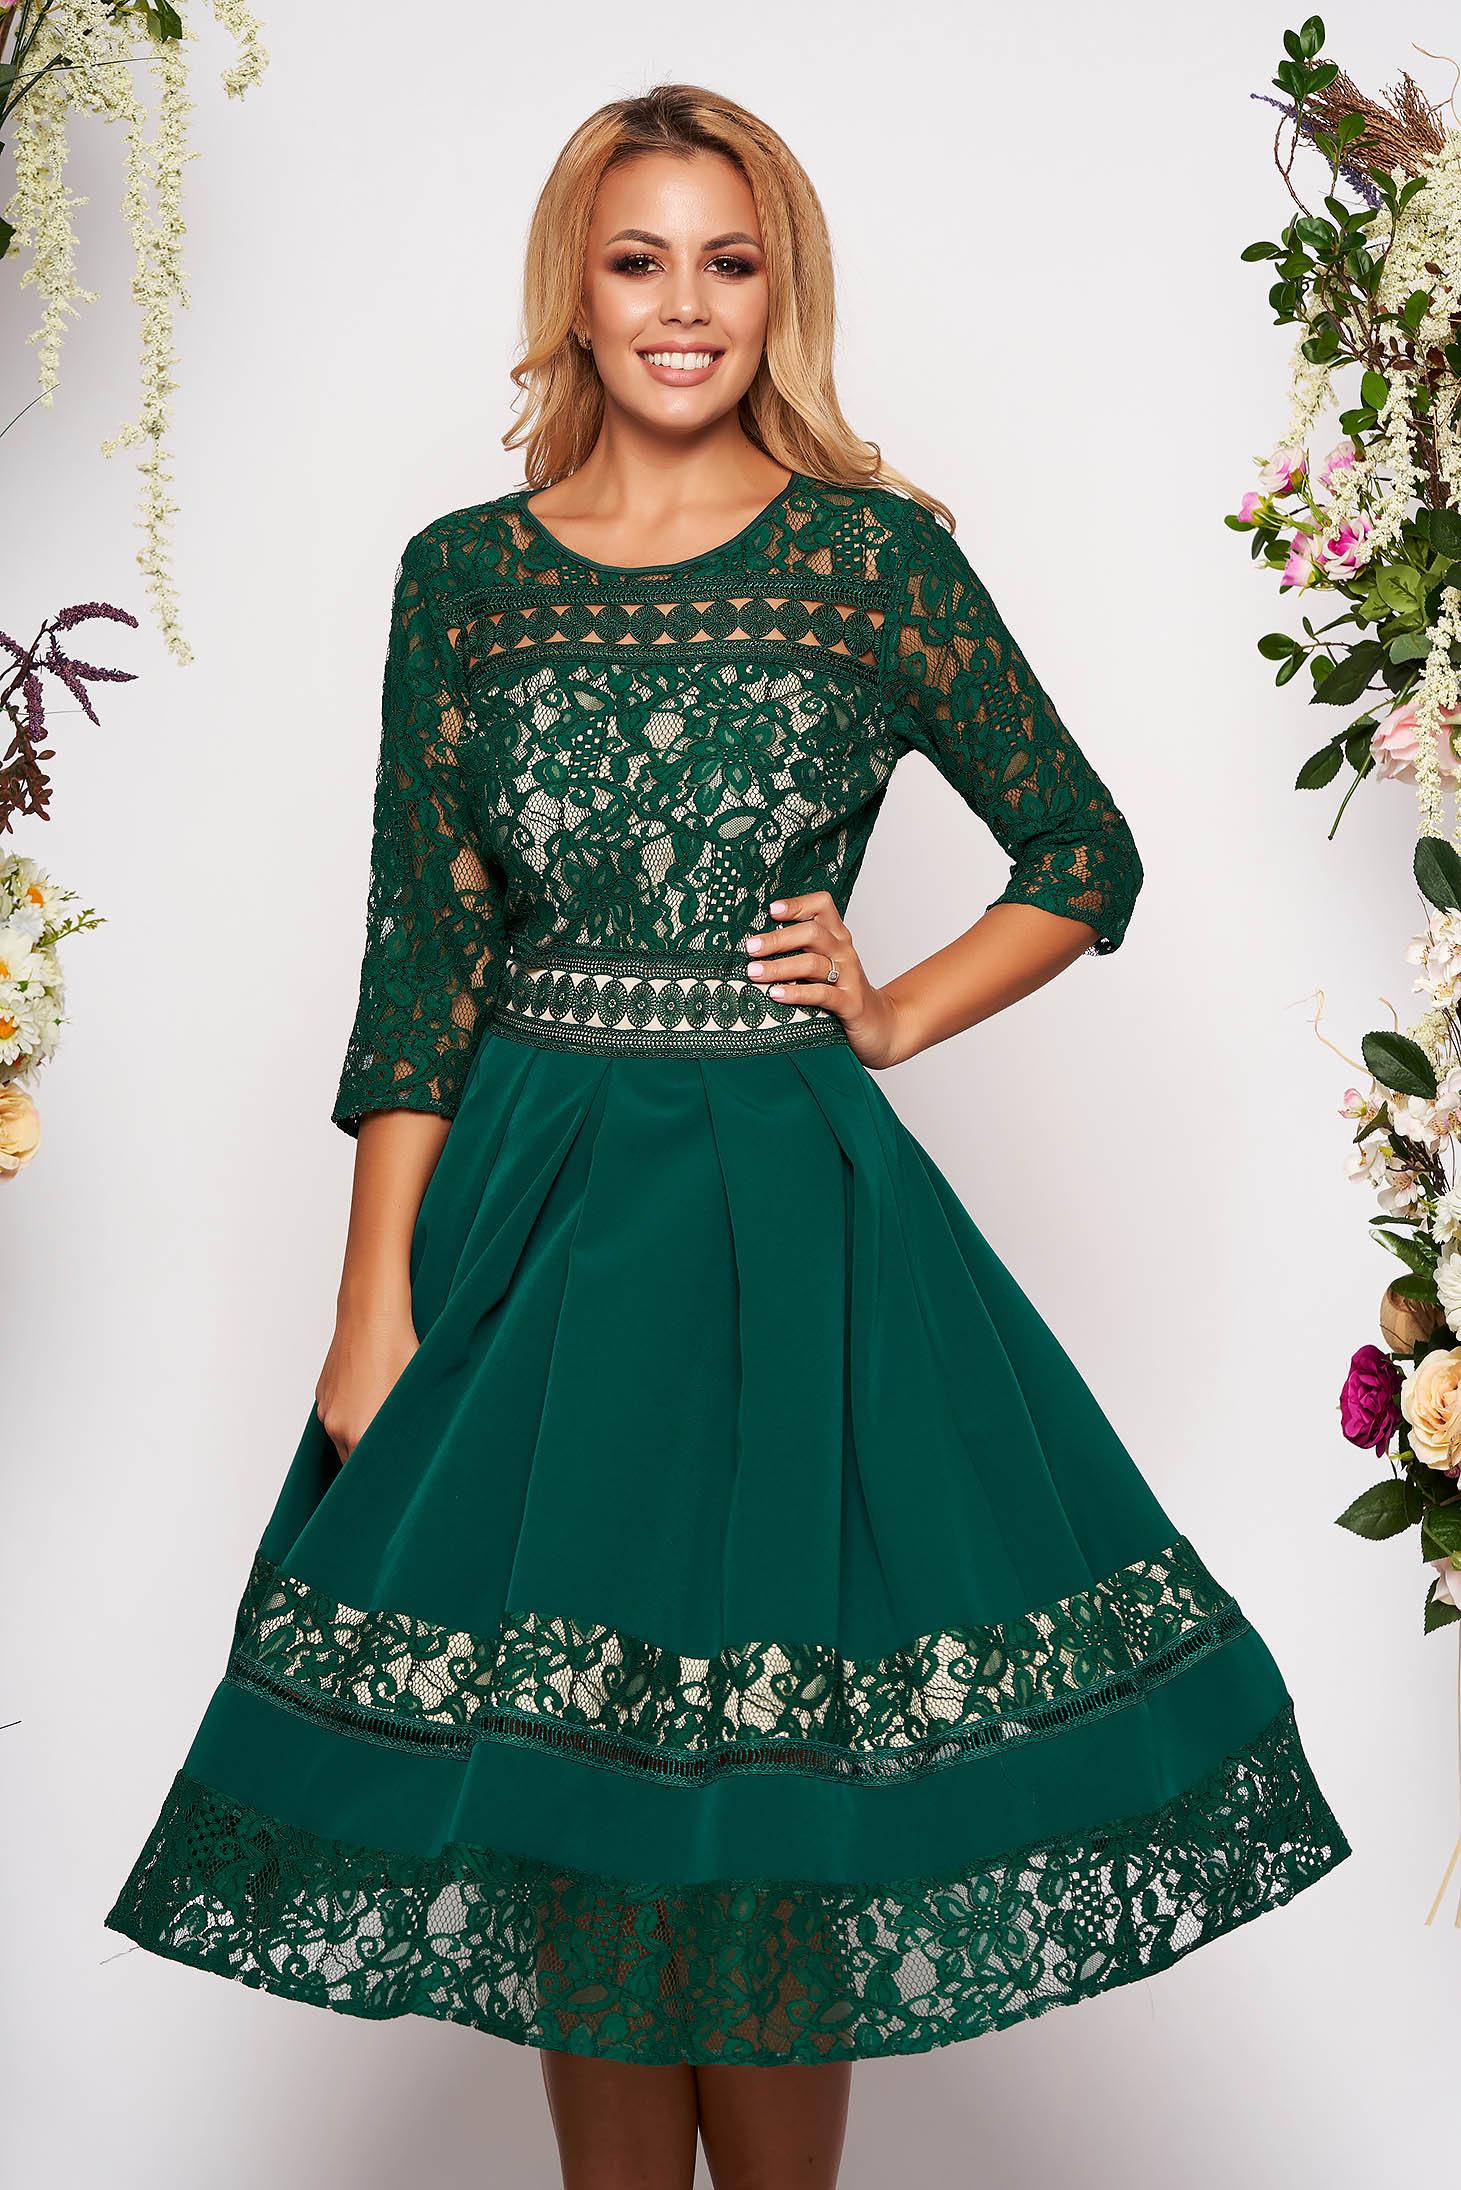 Zöld elegáns midi harang ruha csipkés anyagból háromnegyedes ujjakkal bélés nélkül kerekített dekoltázssal